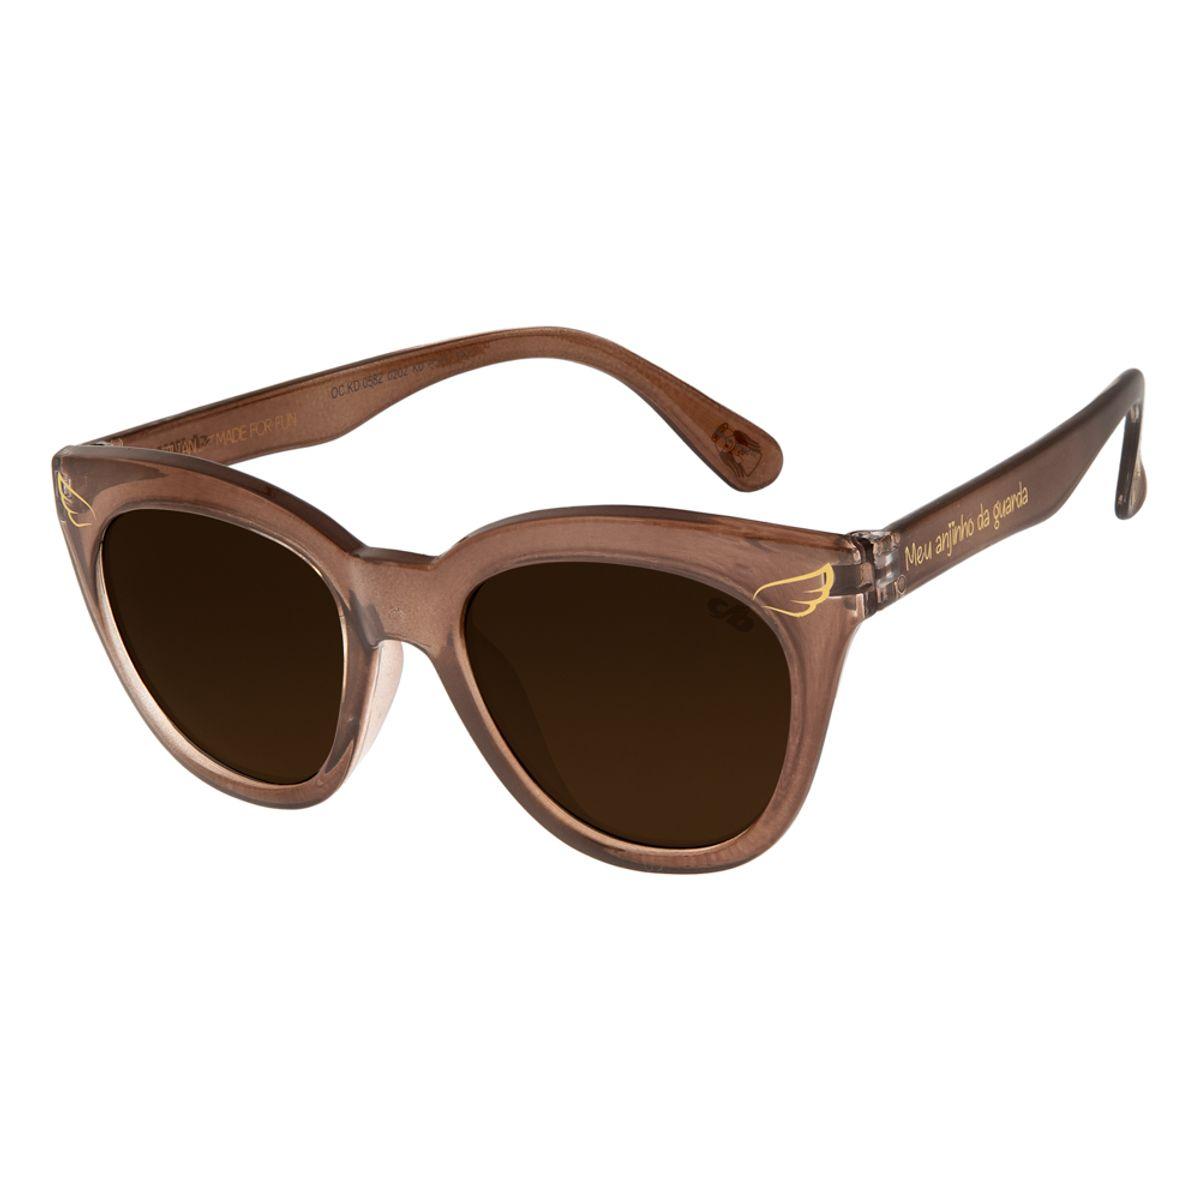 768377c178d74 Óculos de Sol Infantil Chilli Beans Marrom 0582 - Chilli Beans